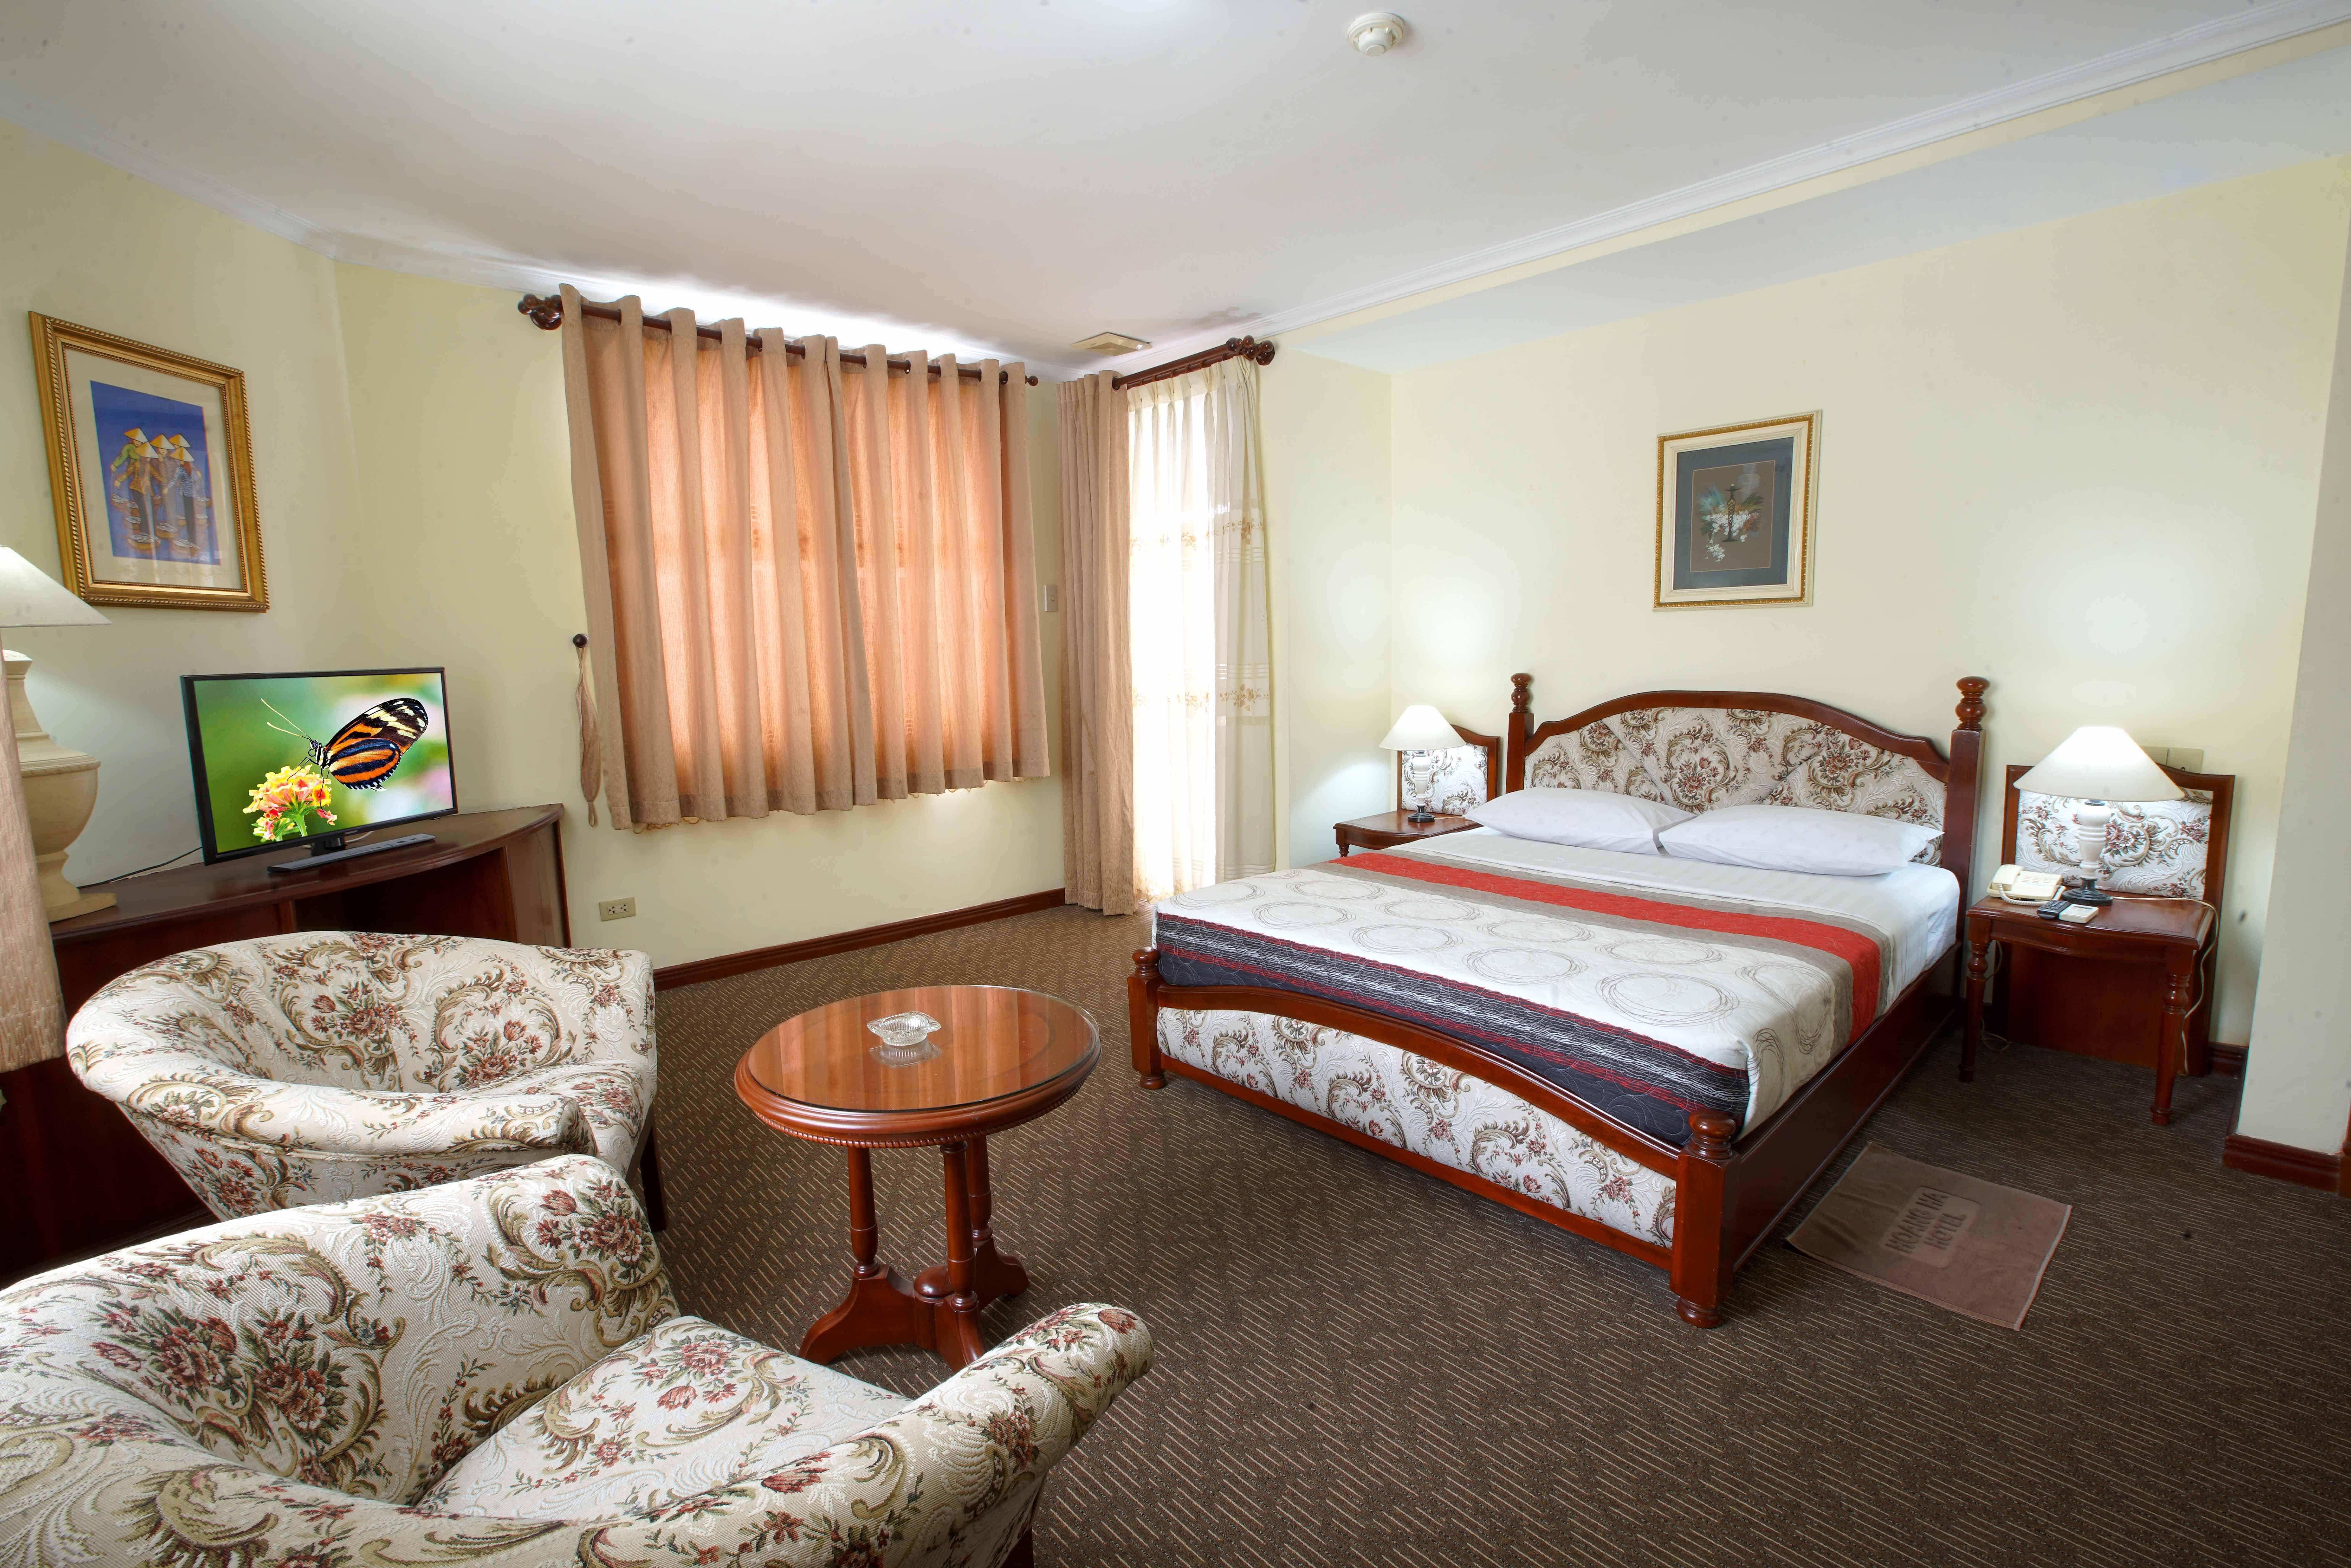 Phòng được thiết kế khá đơn giản nhưng trang nhã đem đến sự tự nhiên thoải mái cho khách hàng khi nghỉ ngơi tại đây